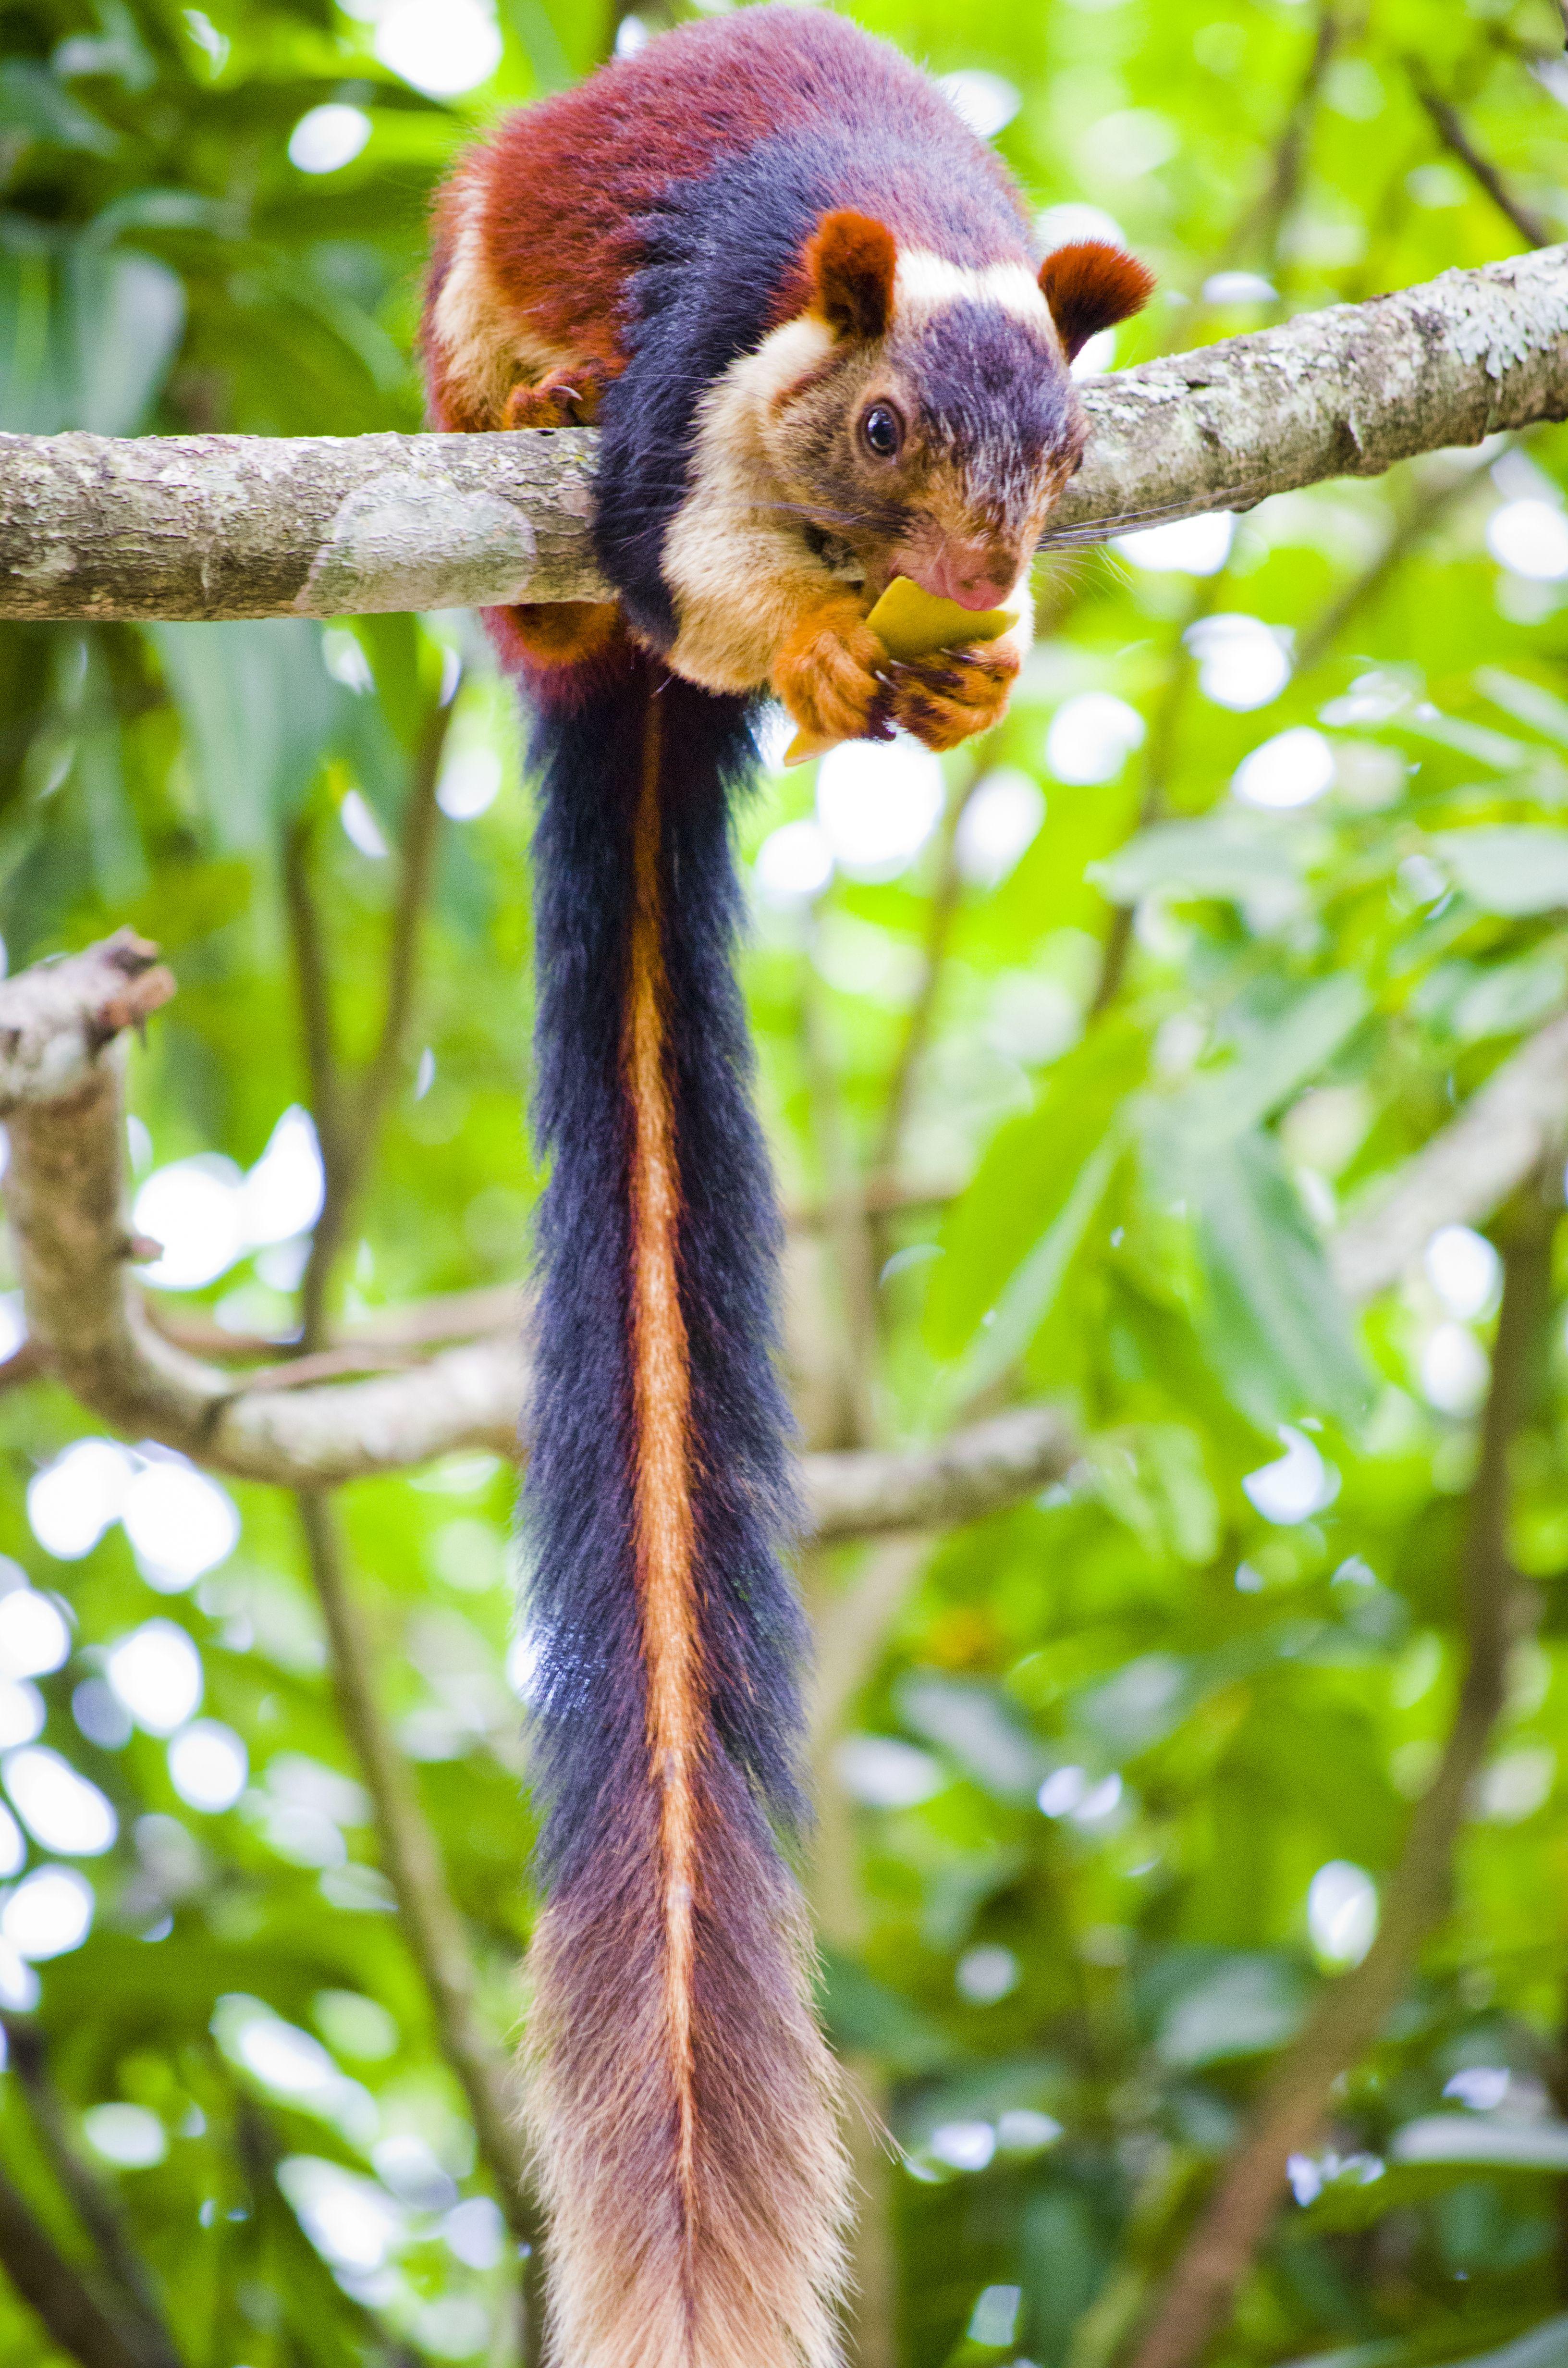 Giant Indian Squirrel Unusual animals, Unique animals